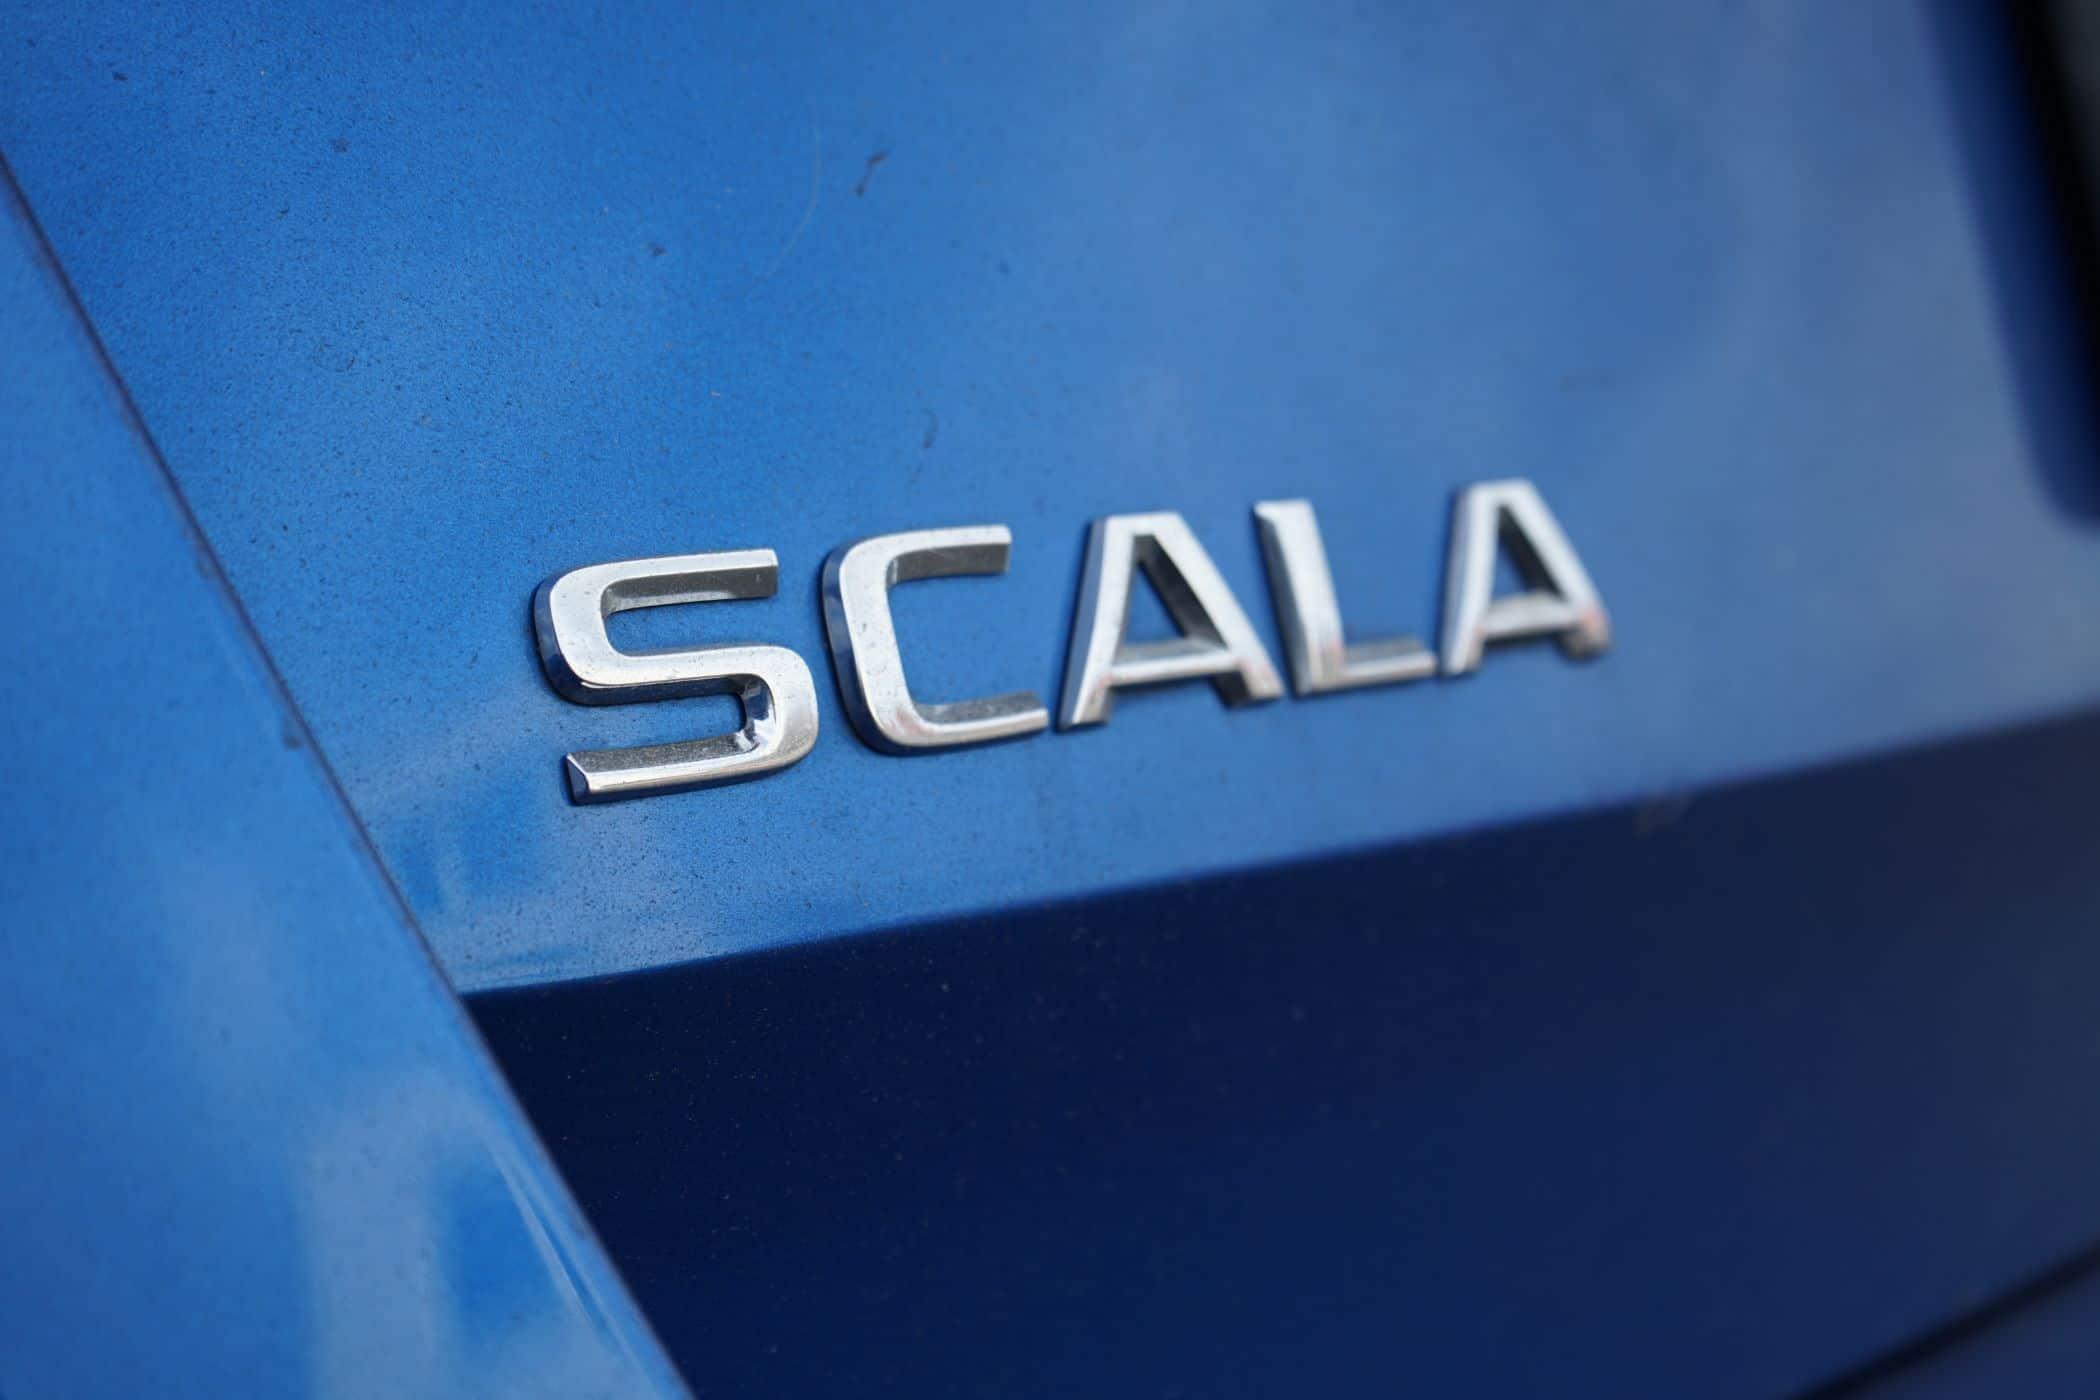 Škoda Scala 1.6 TDI DSG (115 PS)